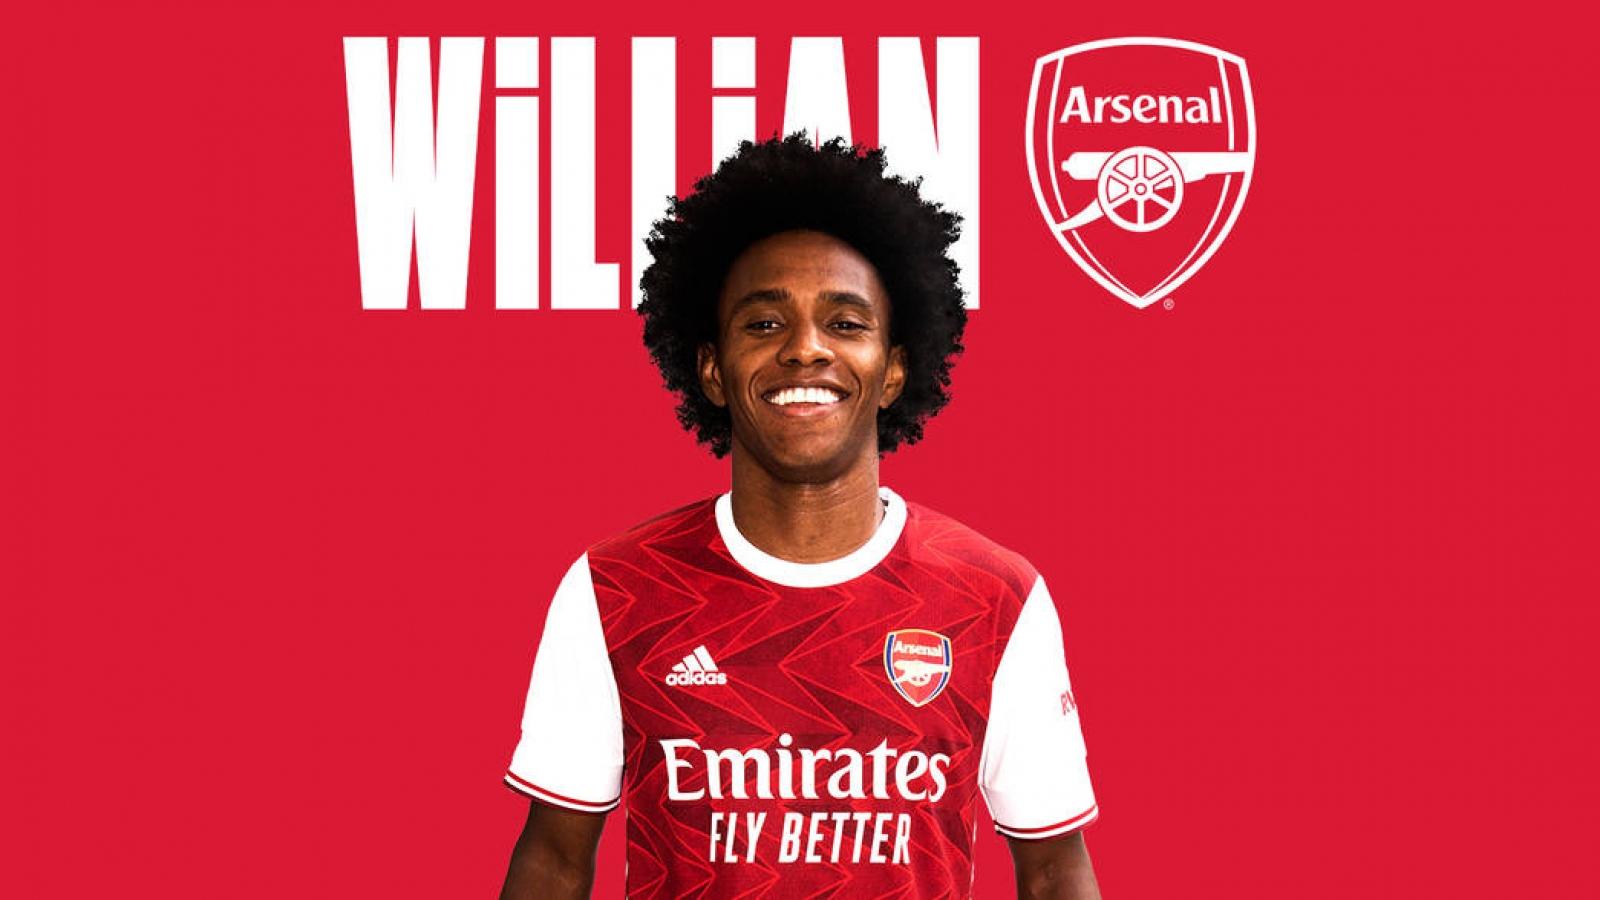 Willian tiết lộ lý do chia tay Chelsea để đến với Arsenal